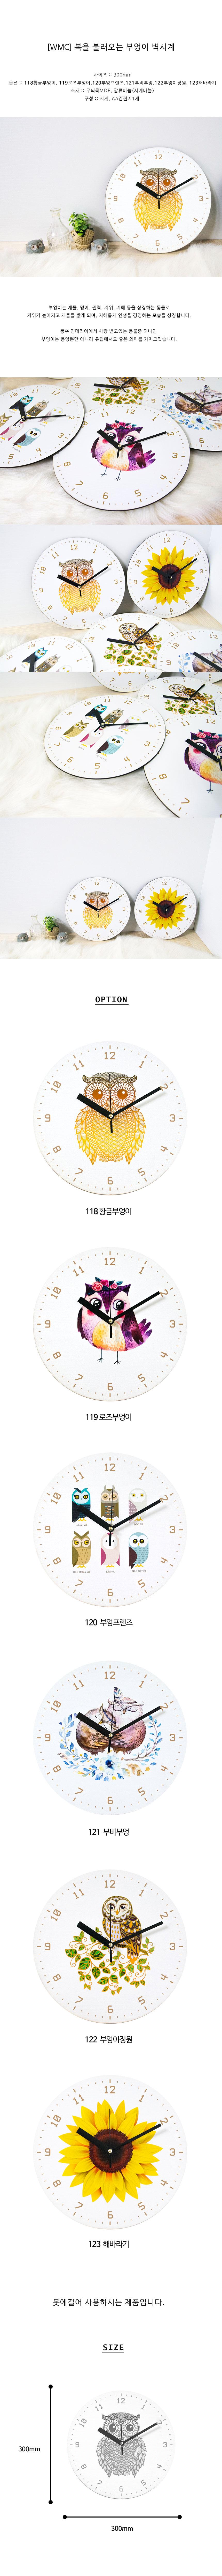 [나룸] WMC-복을부르는 풍수 벽시계-무소음 - 브론즈하우스, 12,500원, 벽시계, 디자인벽시계